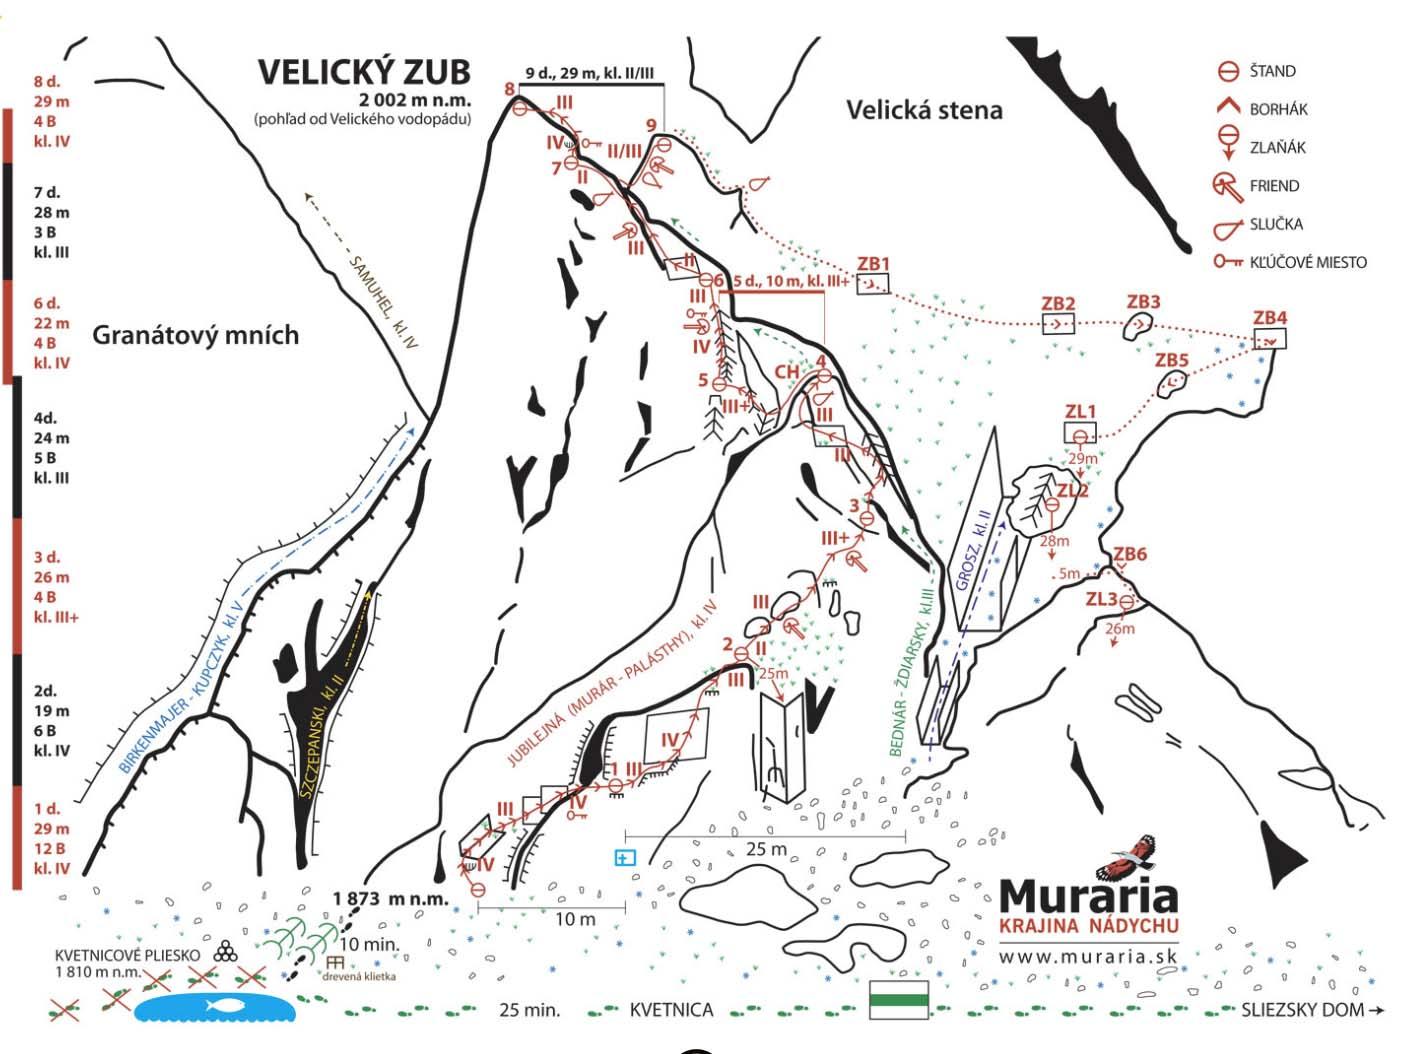 Jubilejná horolezecká cesta, Velický Zub. Nákres cesty.